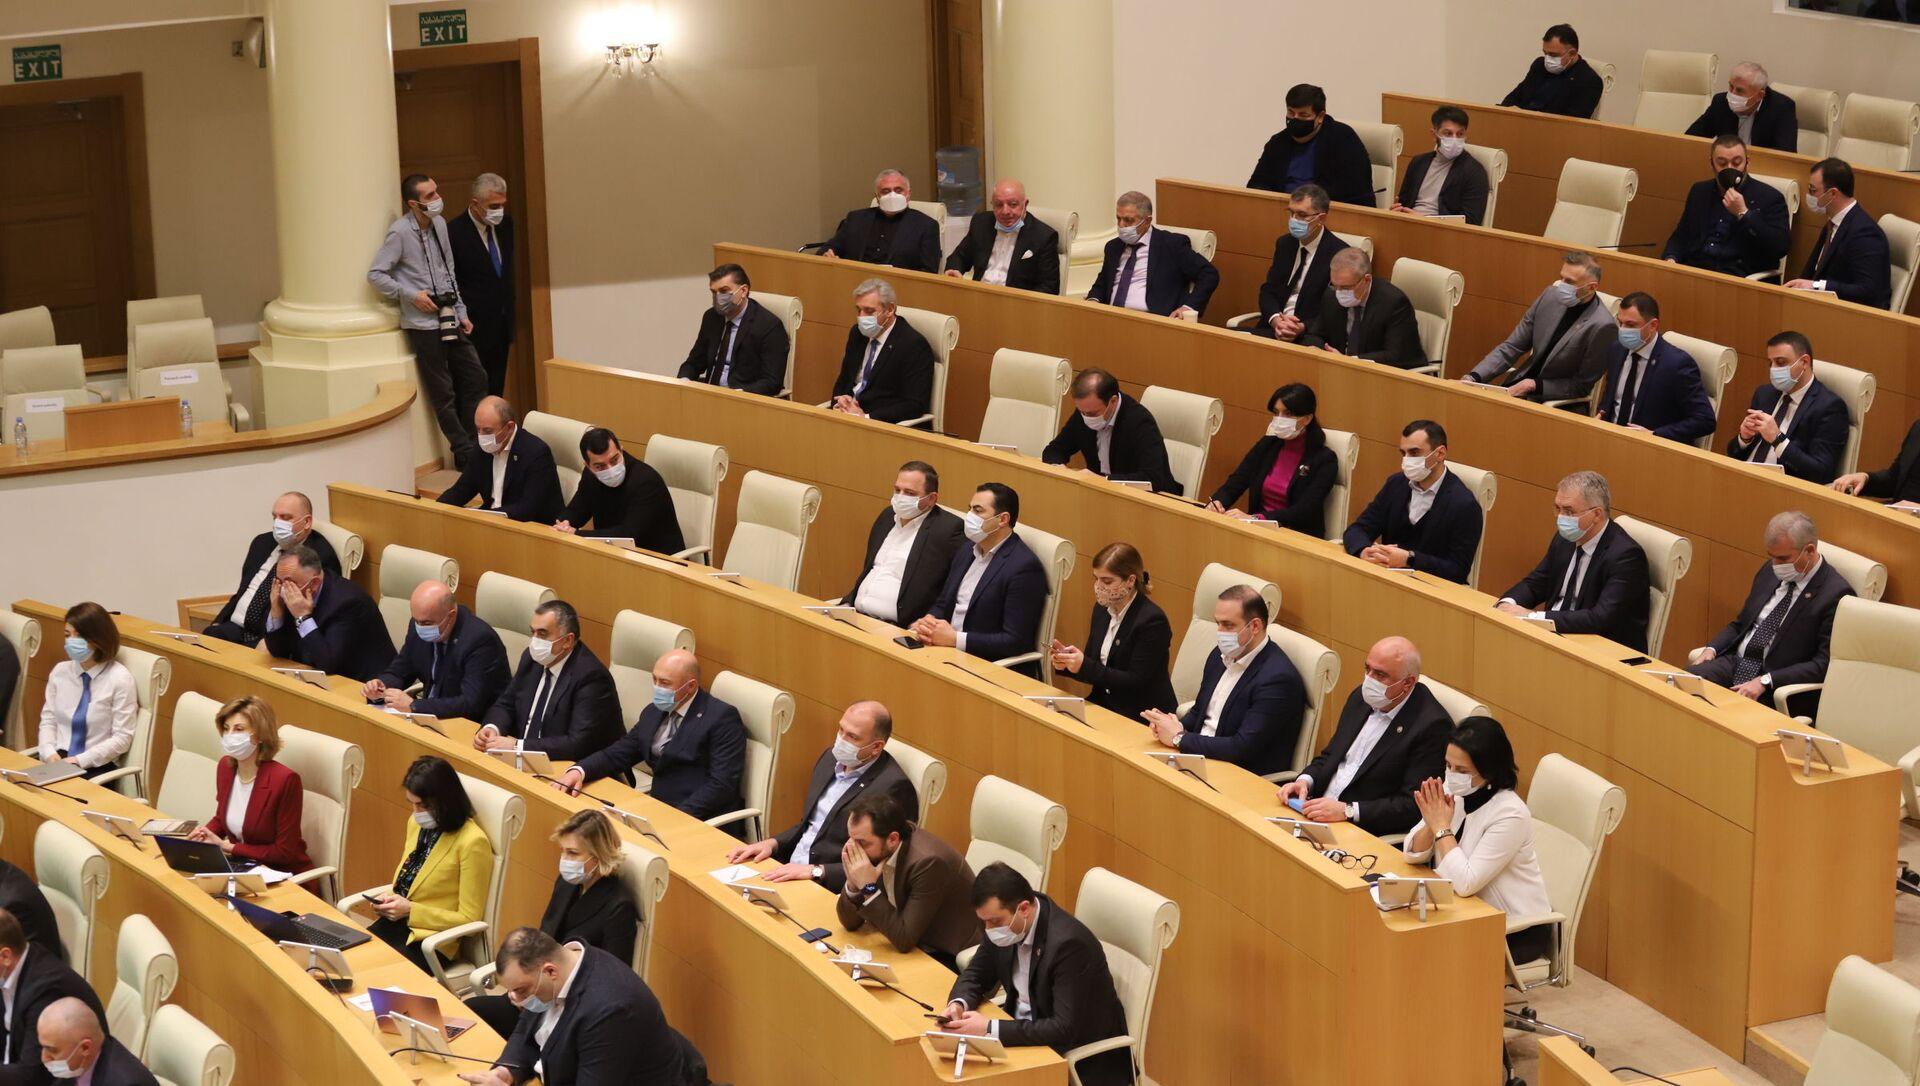 Депутаты парламента Грузии от правящей партии Грузинская мечта - Sputnik Грузия, 1920, 21.06.2021